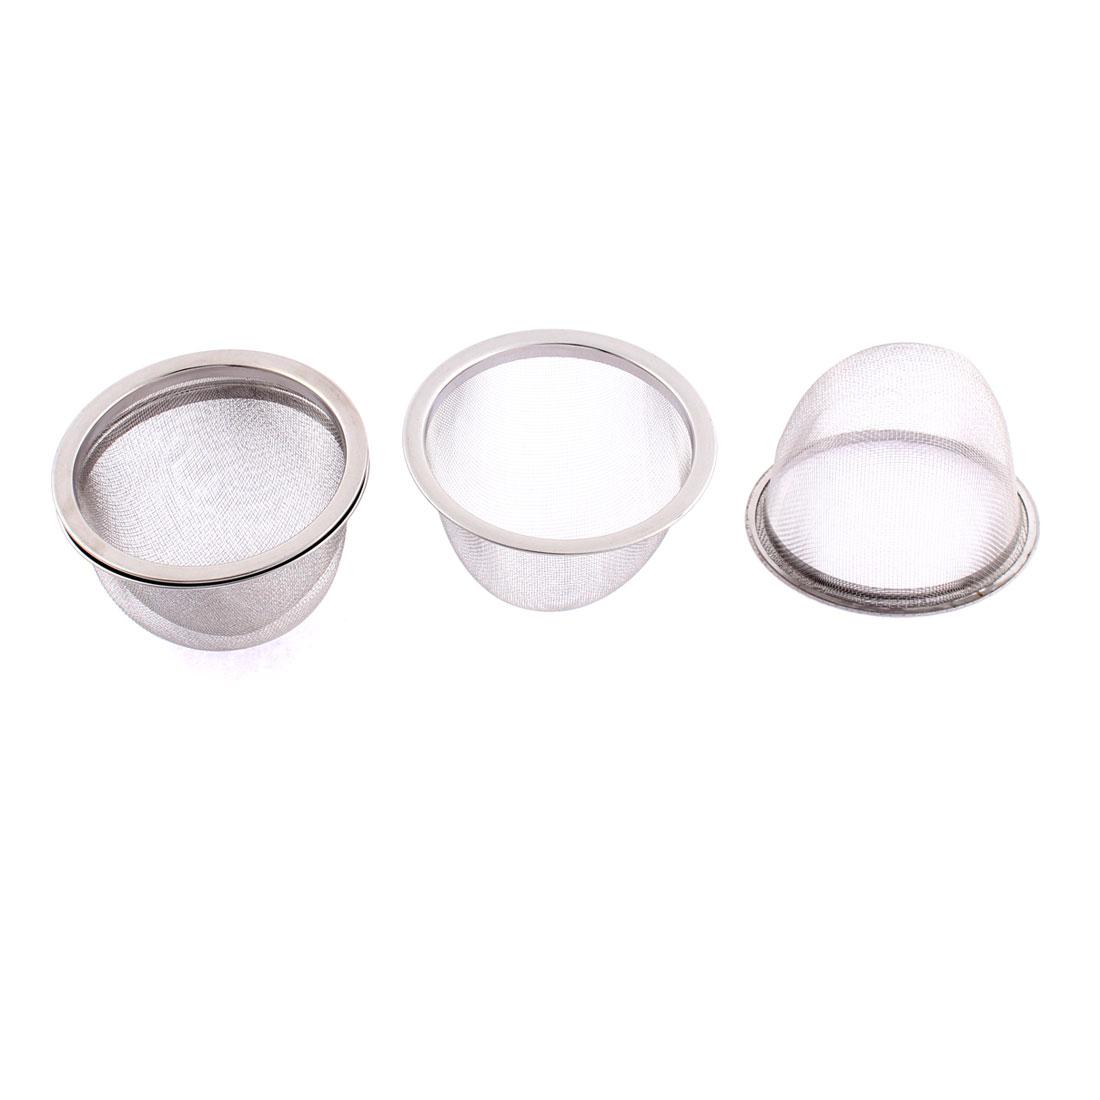 Household Stainless Steel Mesh Tea Infuser Strainer Basket 75mm Dia 4 Pcs